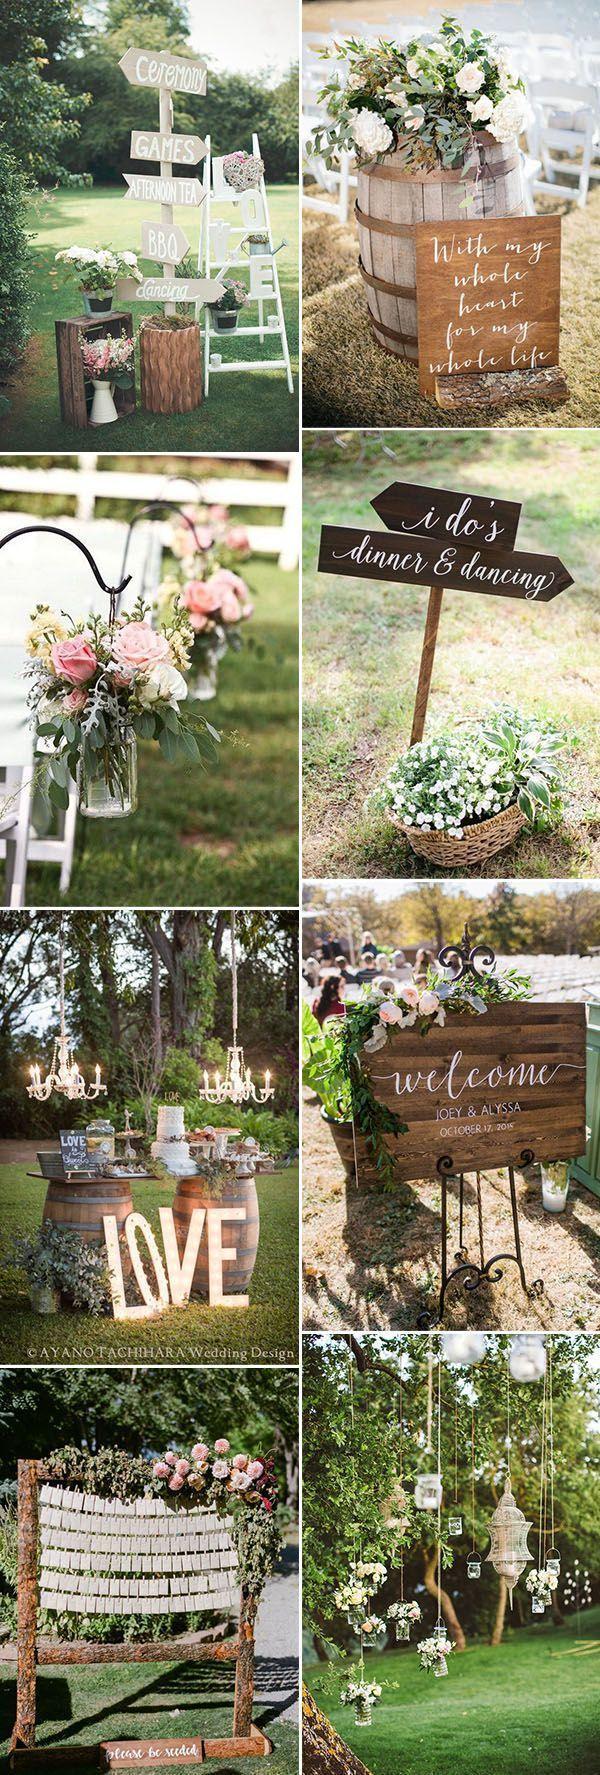 Hochzeitsdekor Fotos Erstaunliche Gartenhochzeitsdekor Ideen Die Einfach Zu Decorating In 2020 Garden Wedding Decorations Wedding Decor Photos Wedding Decorations